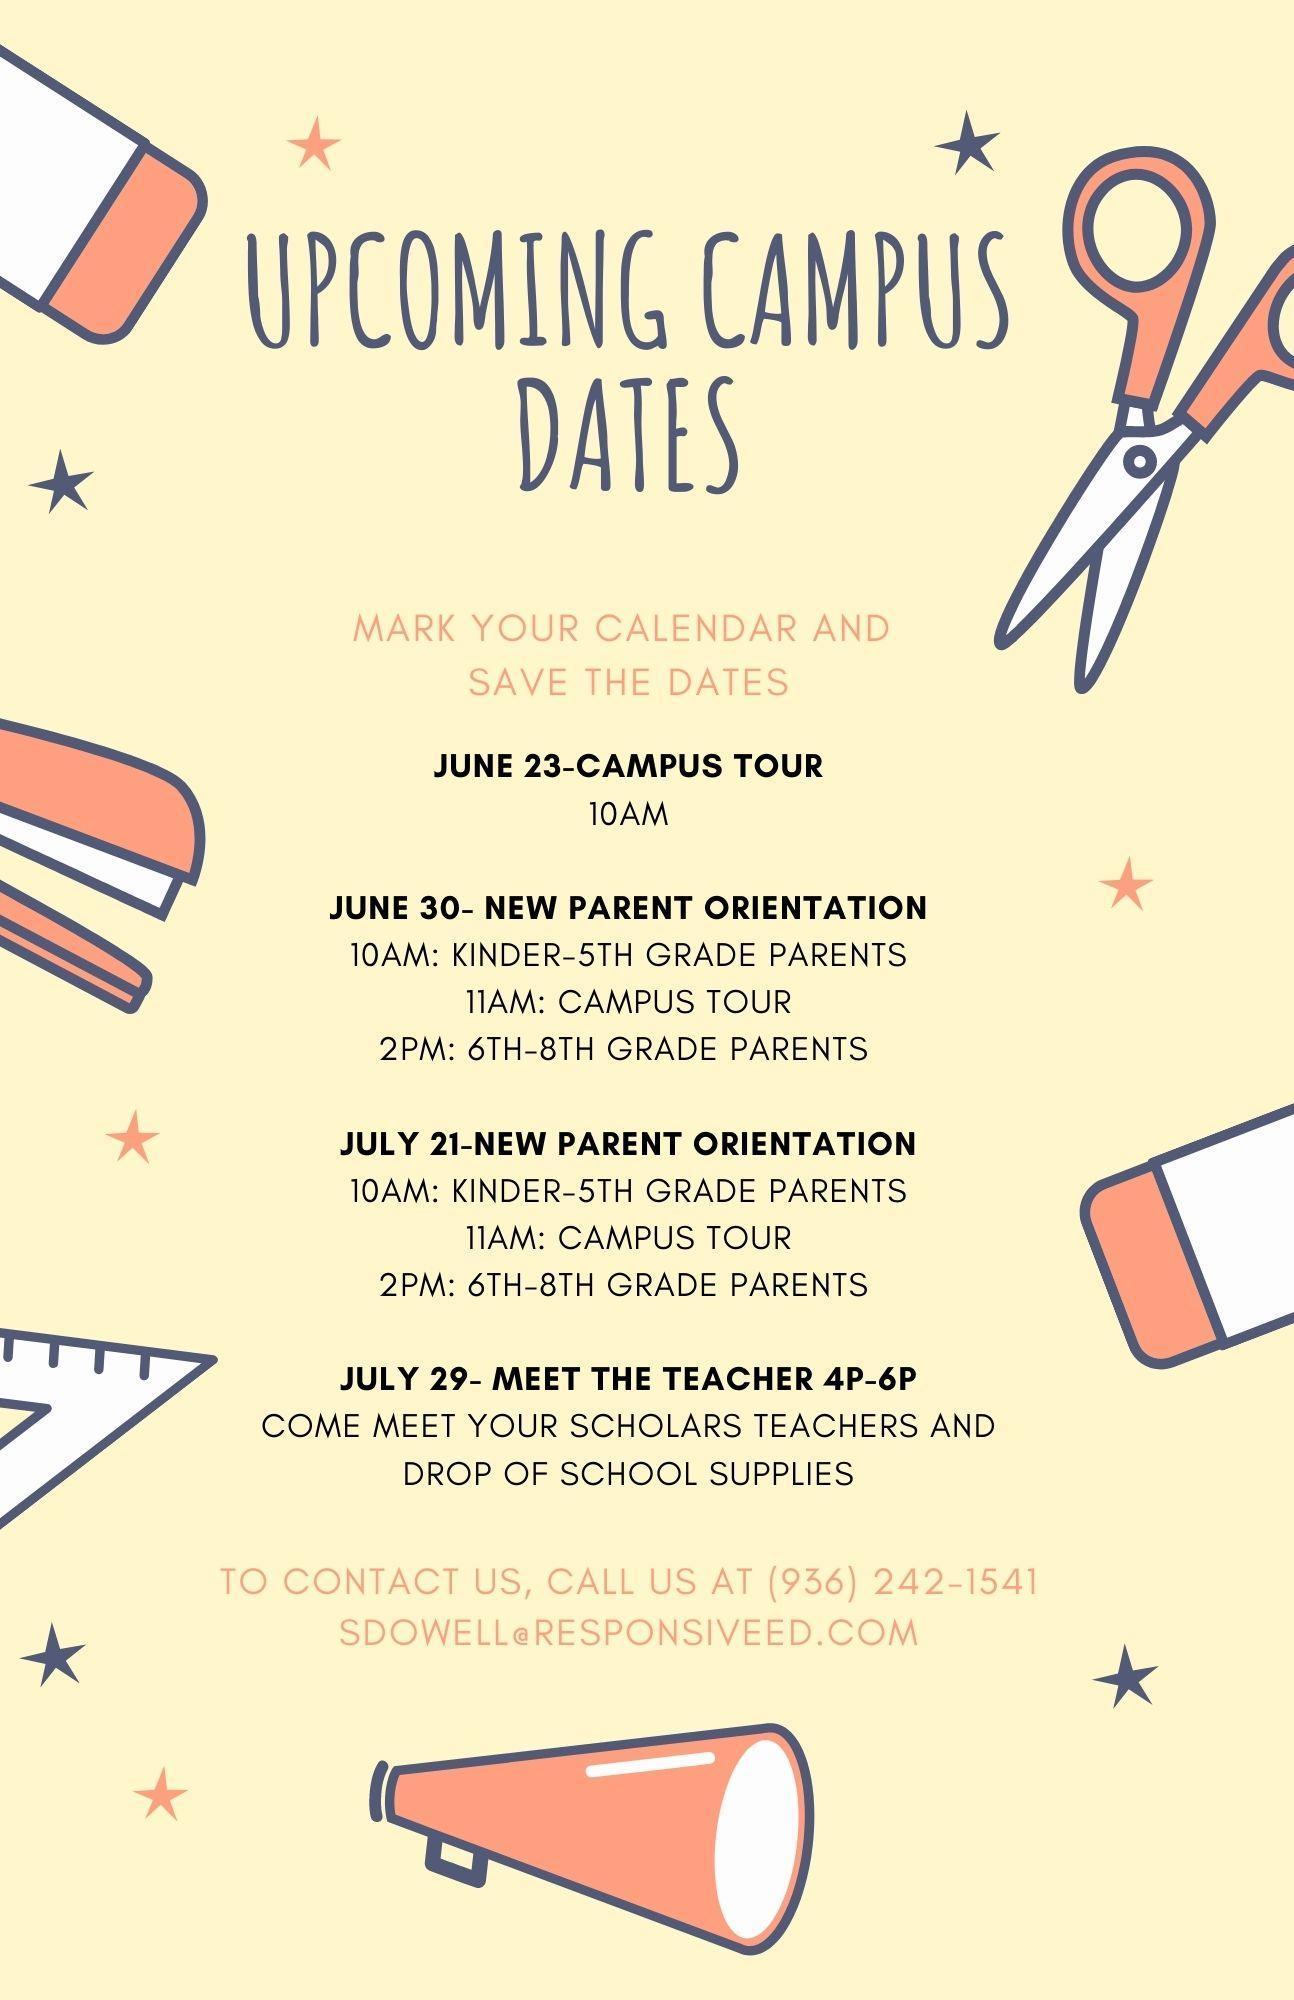 Upcoming Camus Dates